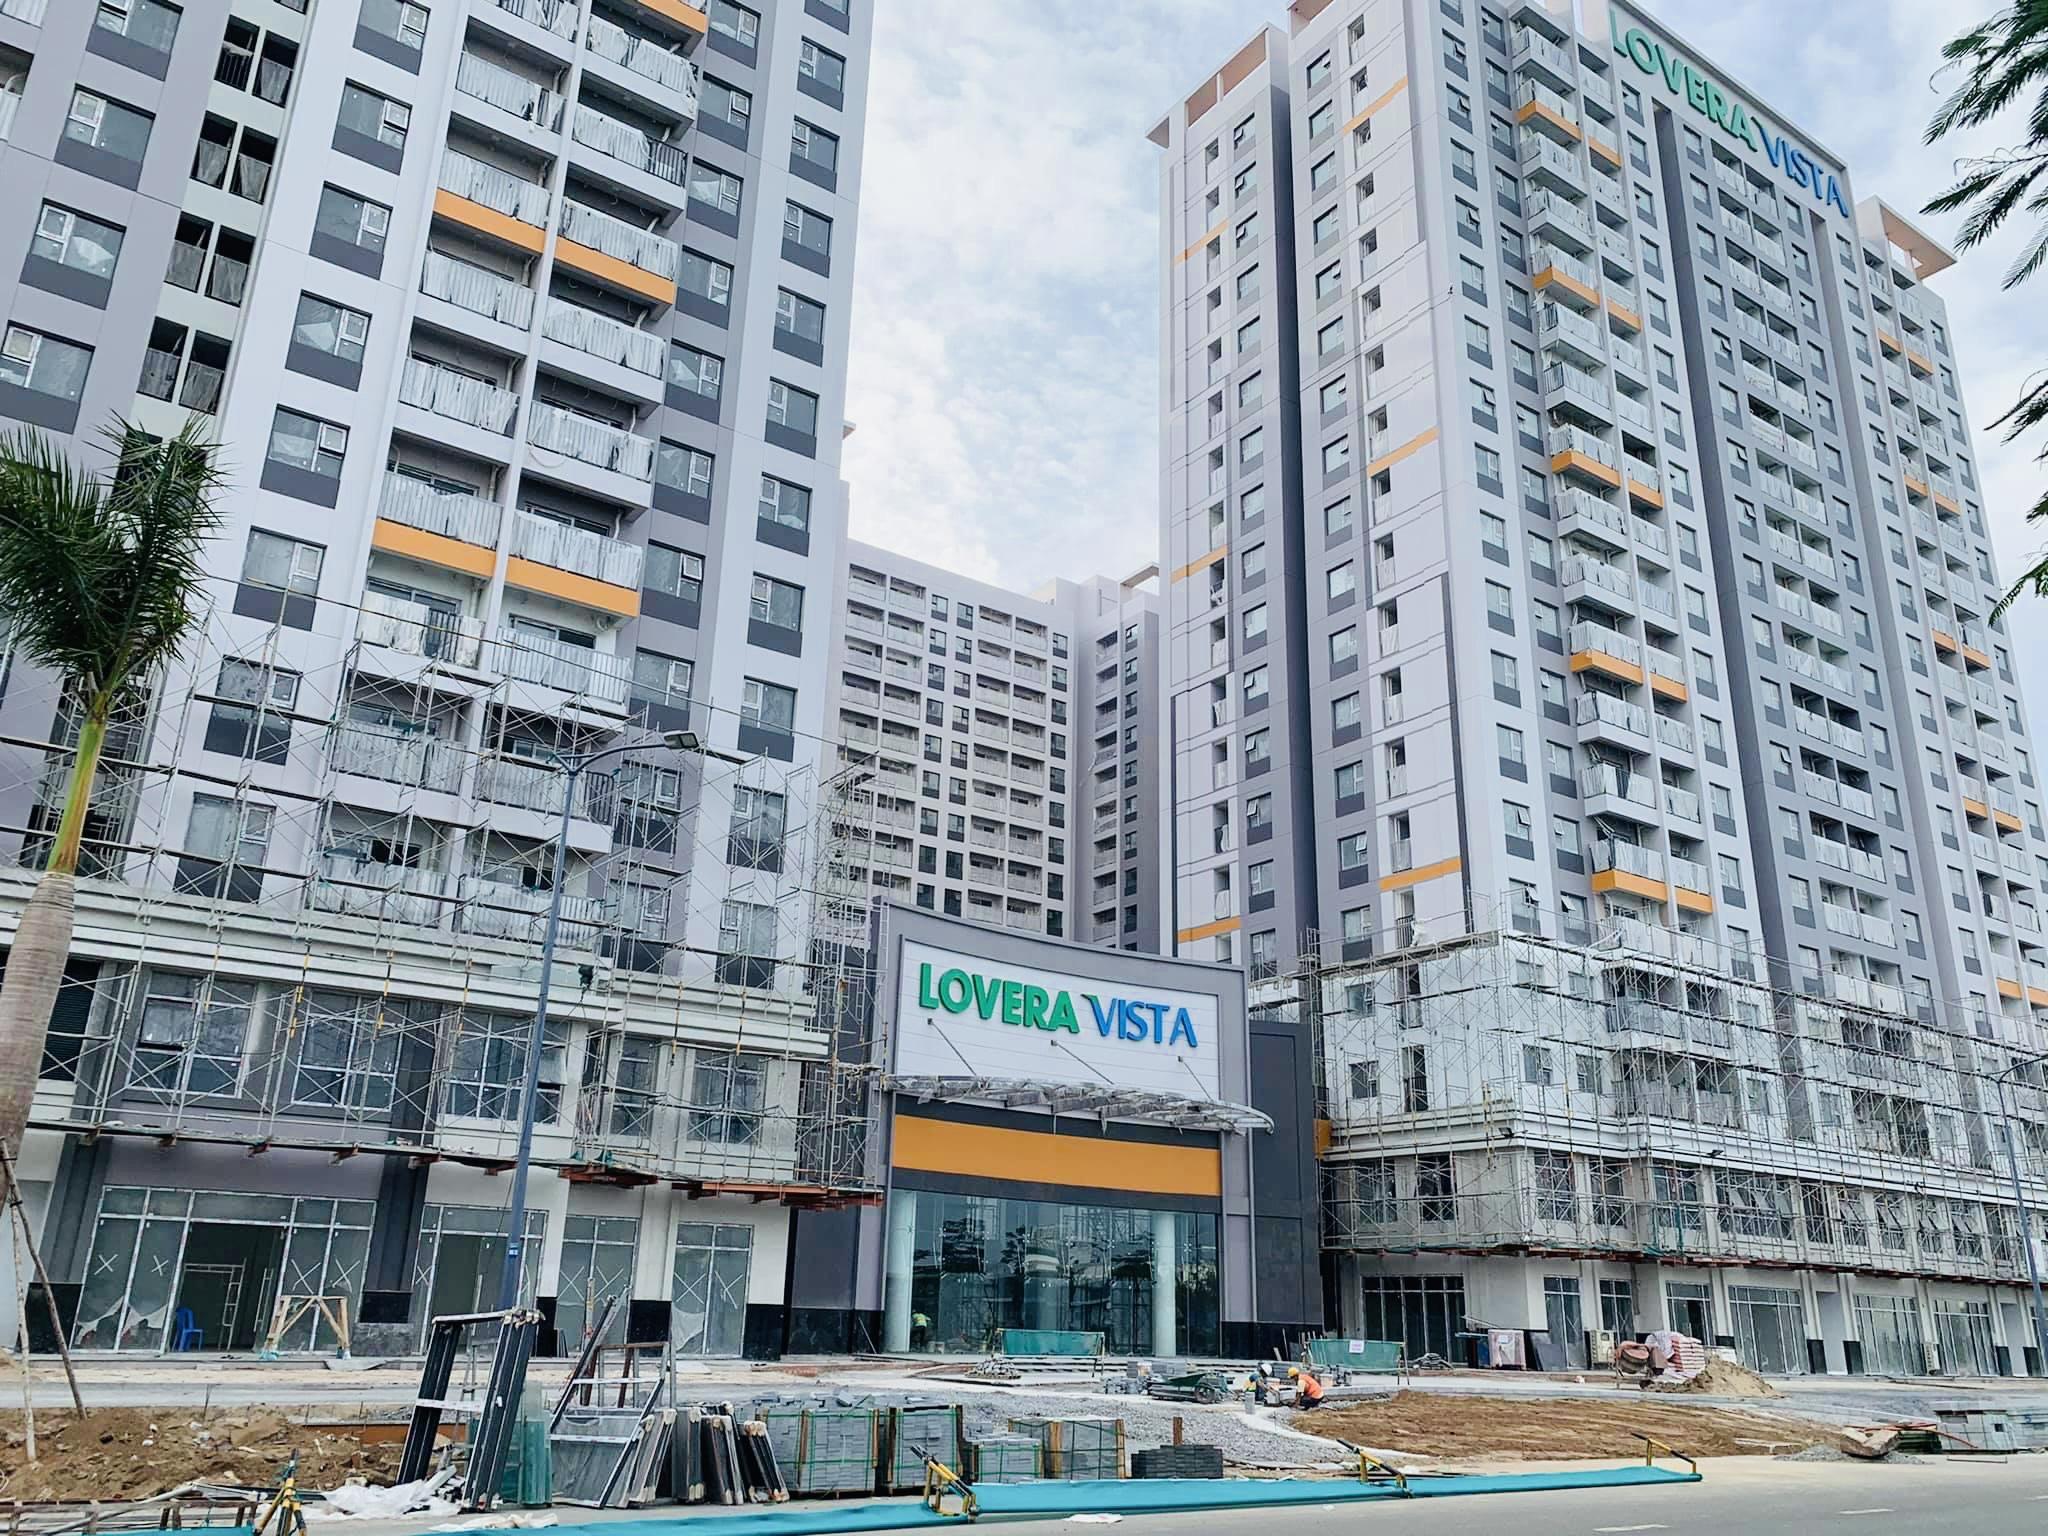 Tiến độ cập nhât mới nhất khu vực sảnh đón dự án căn hộ chung cư Lovera Vista Khang Điền.